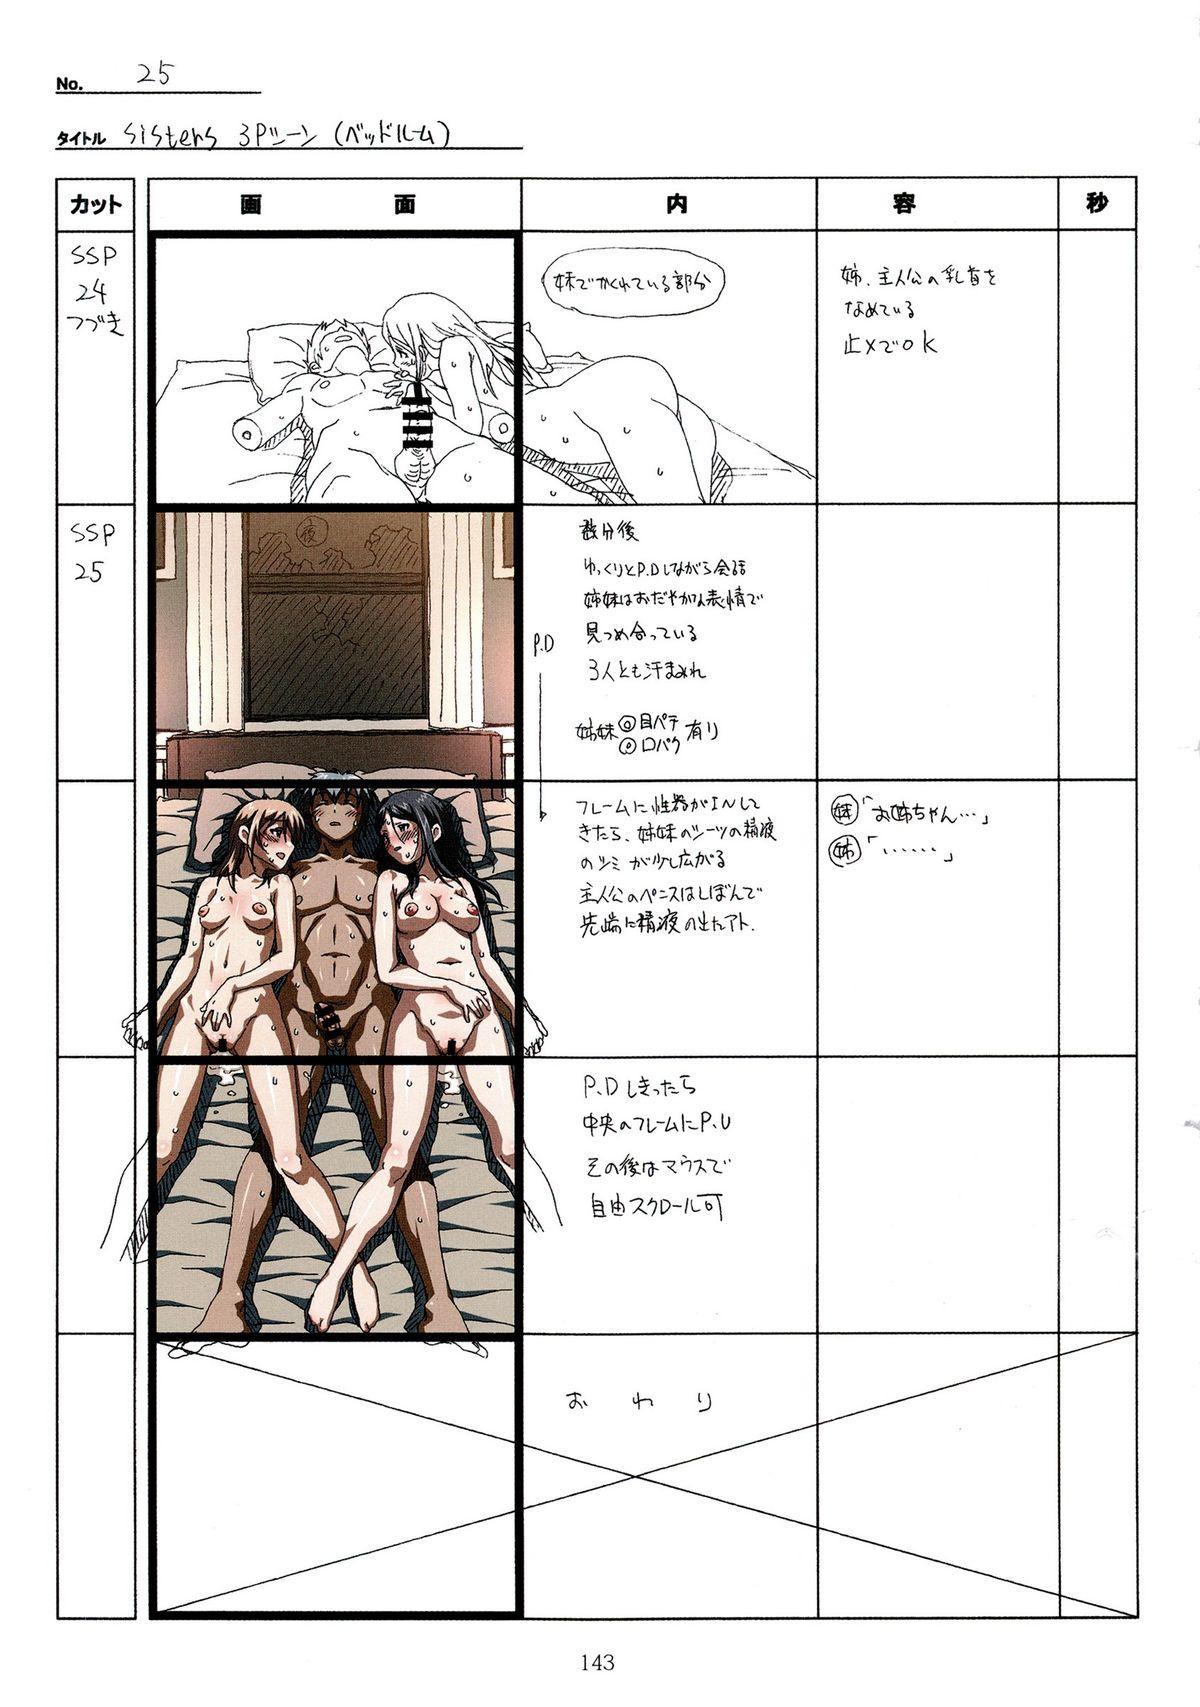 (C89) [Makino Jimusho (Taki Minashika)] SISTERS -Natsu no Saigo no Hi- H Scene All Part Storyboard (SISTERS -Natsu no Saigo no Hi-) 142